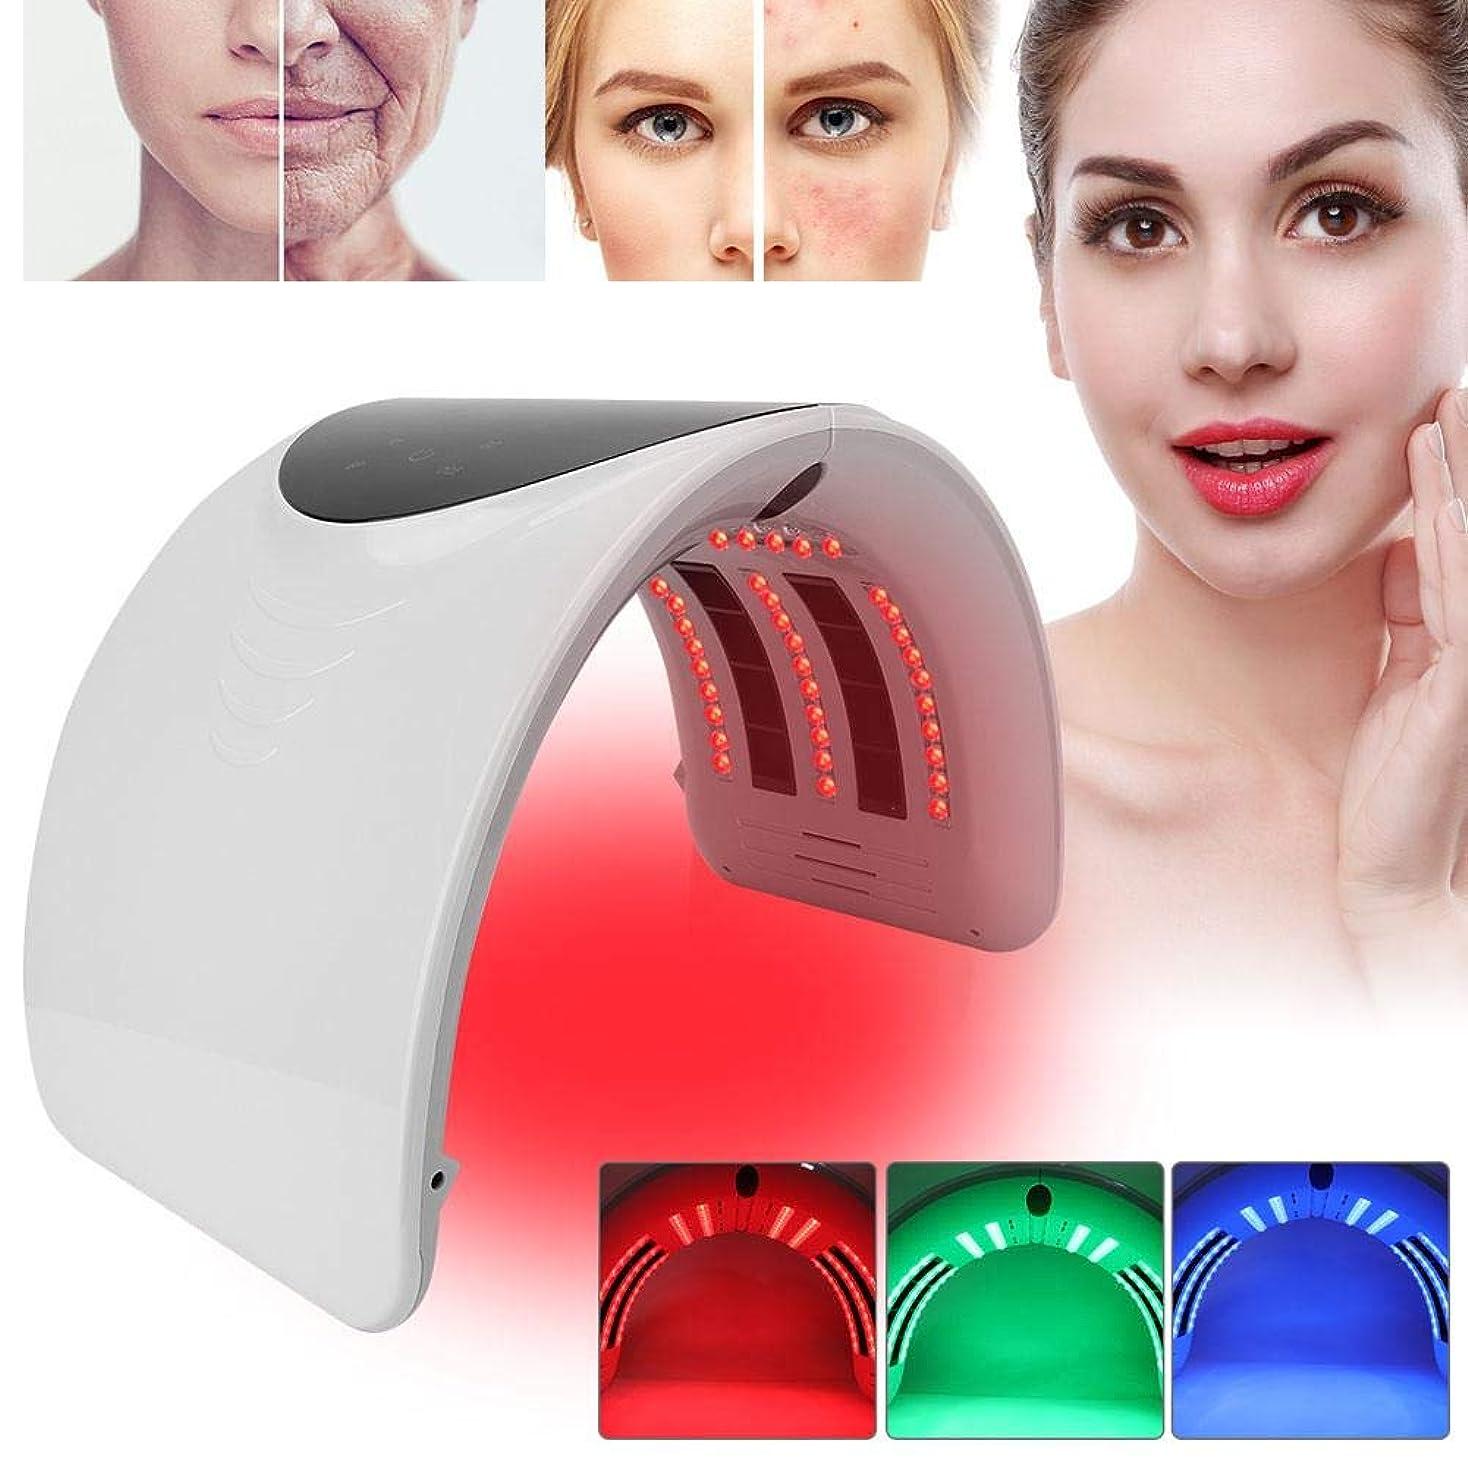 アレキサンダーグラハムベル必要製品PDTの軽い療法の美顔術機械、6色の新しい折り畳み式アクネの取り外しのスキンケアの処置機械(01)